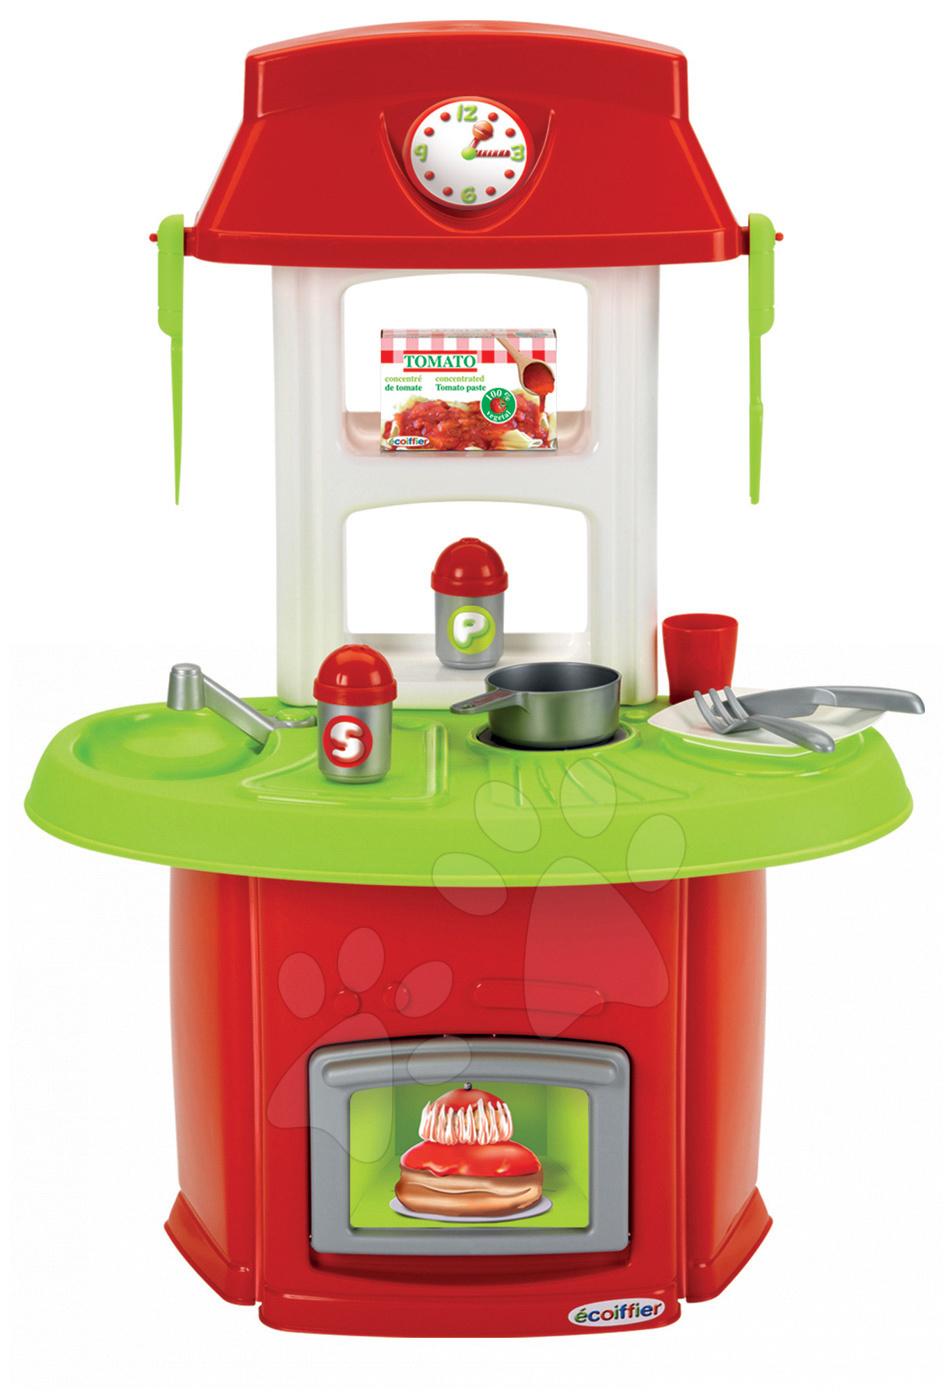 Játékkonyha 100% Chef Italian Écoiffier 13 kiegészítővel piros-zöld 18 hó-tól